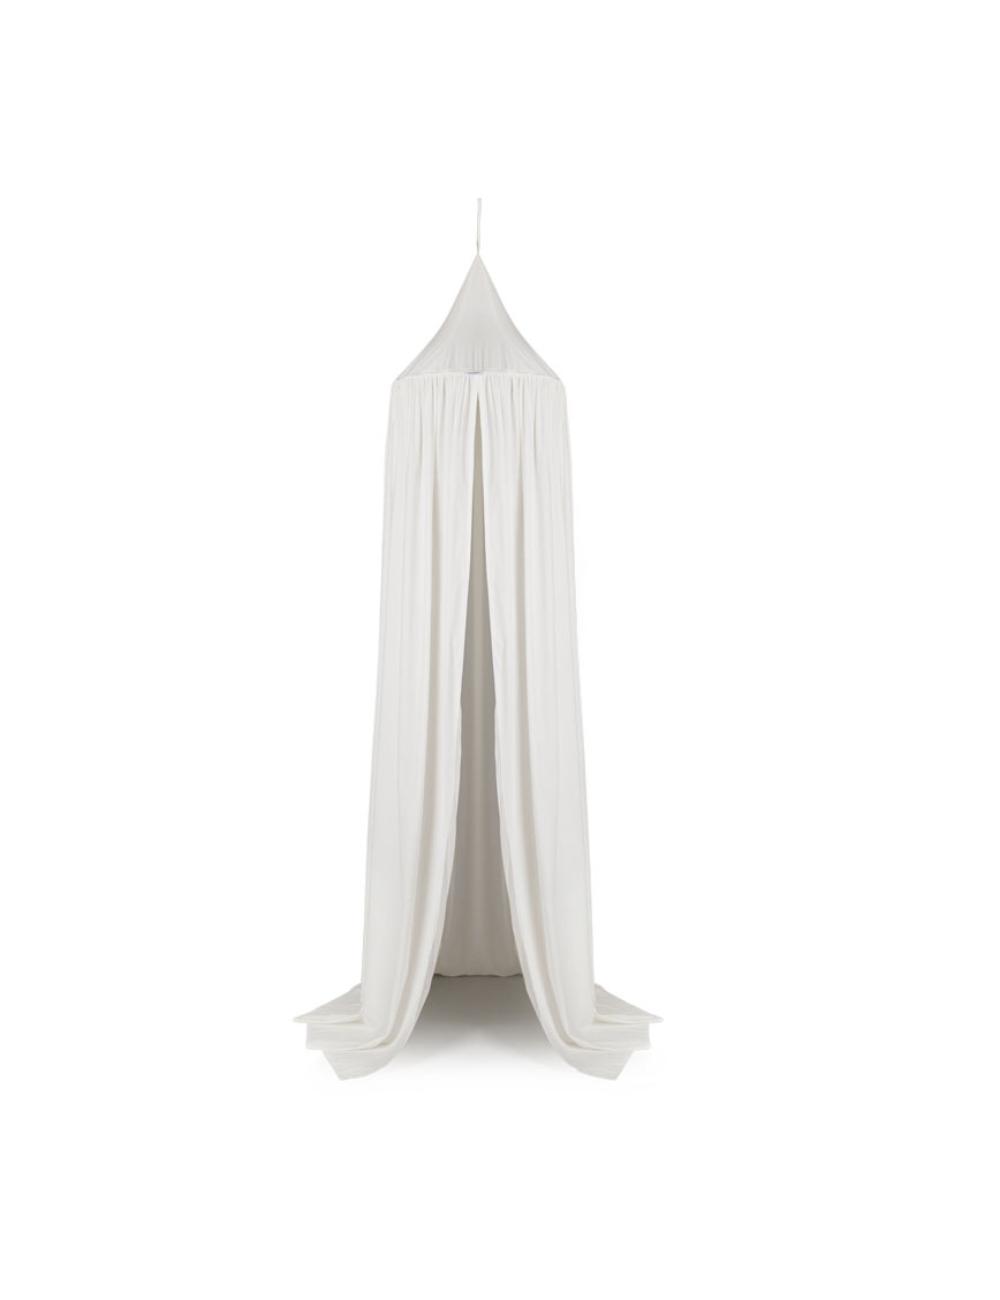 Bedhemeltje Canopy Enzo | creme de la creme